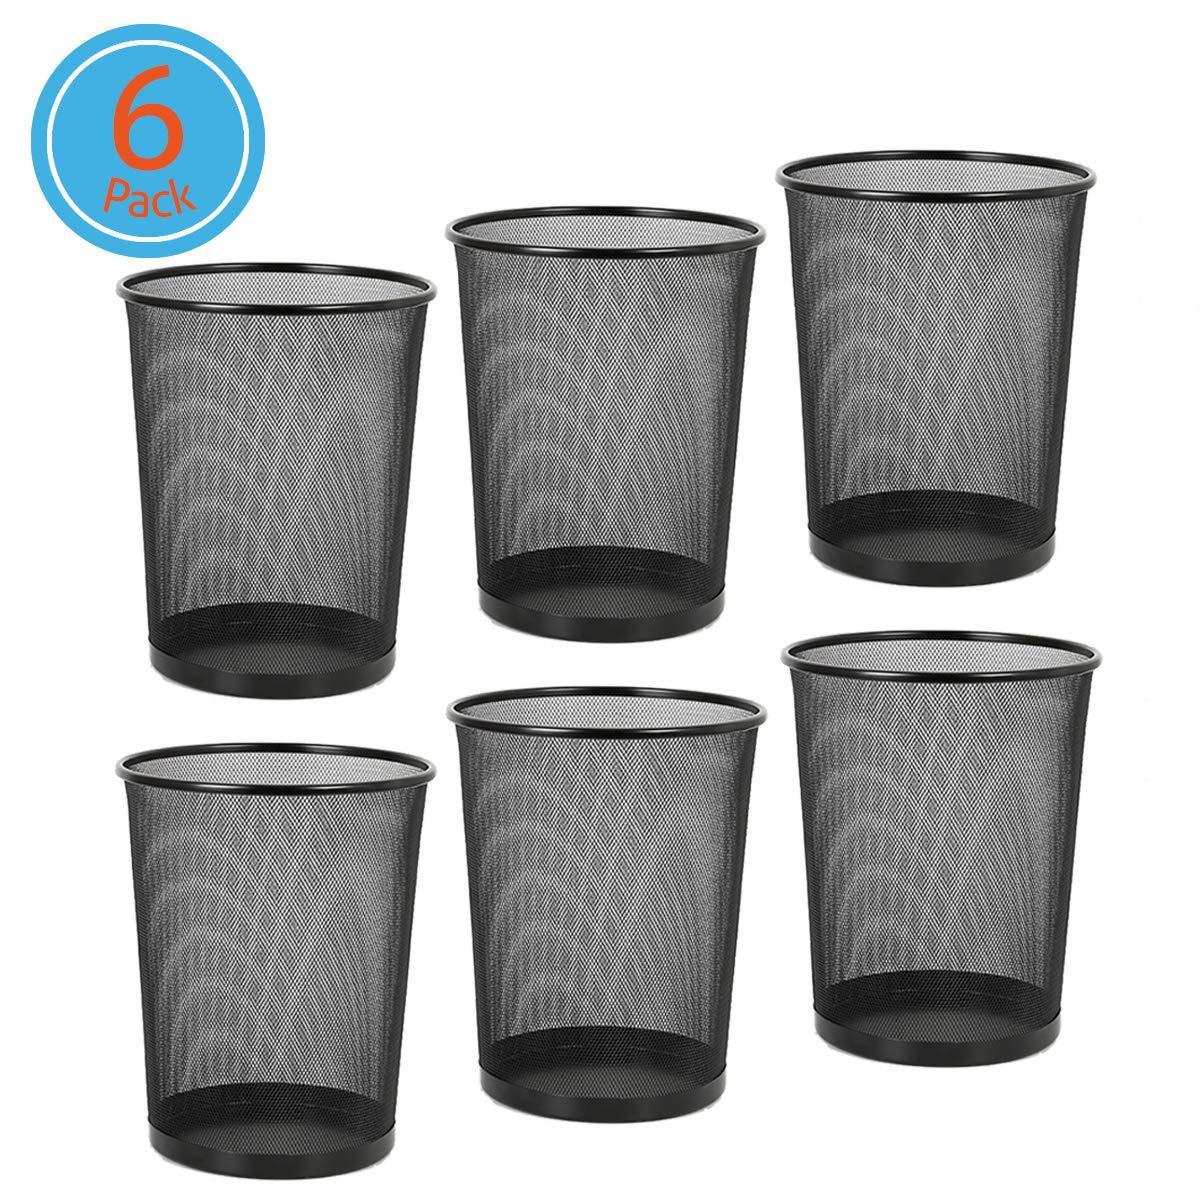 DESIGNA Round Waste Basket, Mesh Office Desk Trash Cans Wire, 4.5 Gal,11-11/16 Diameter x 14-1/16 H Black, 6-PACK